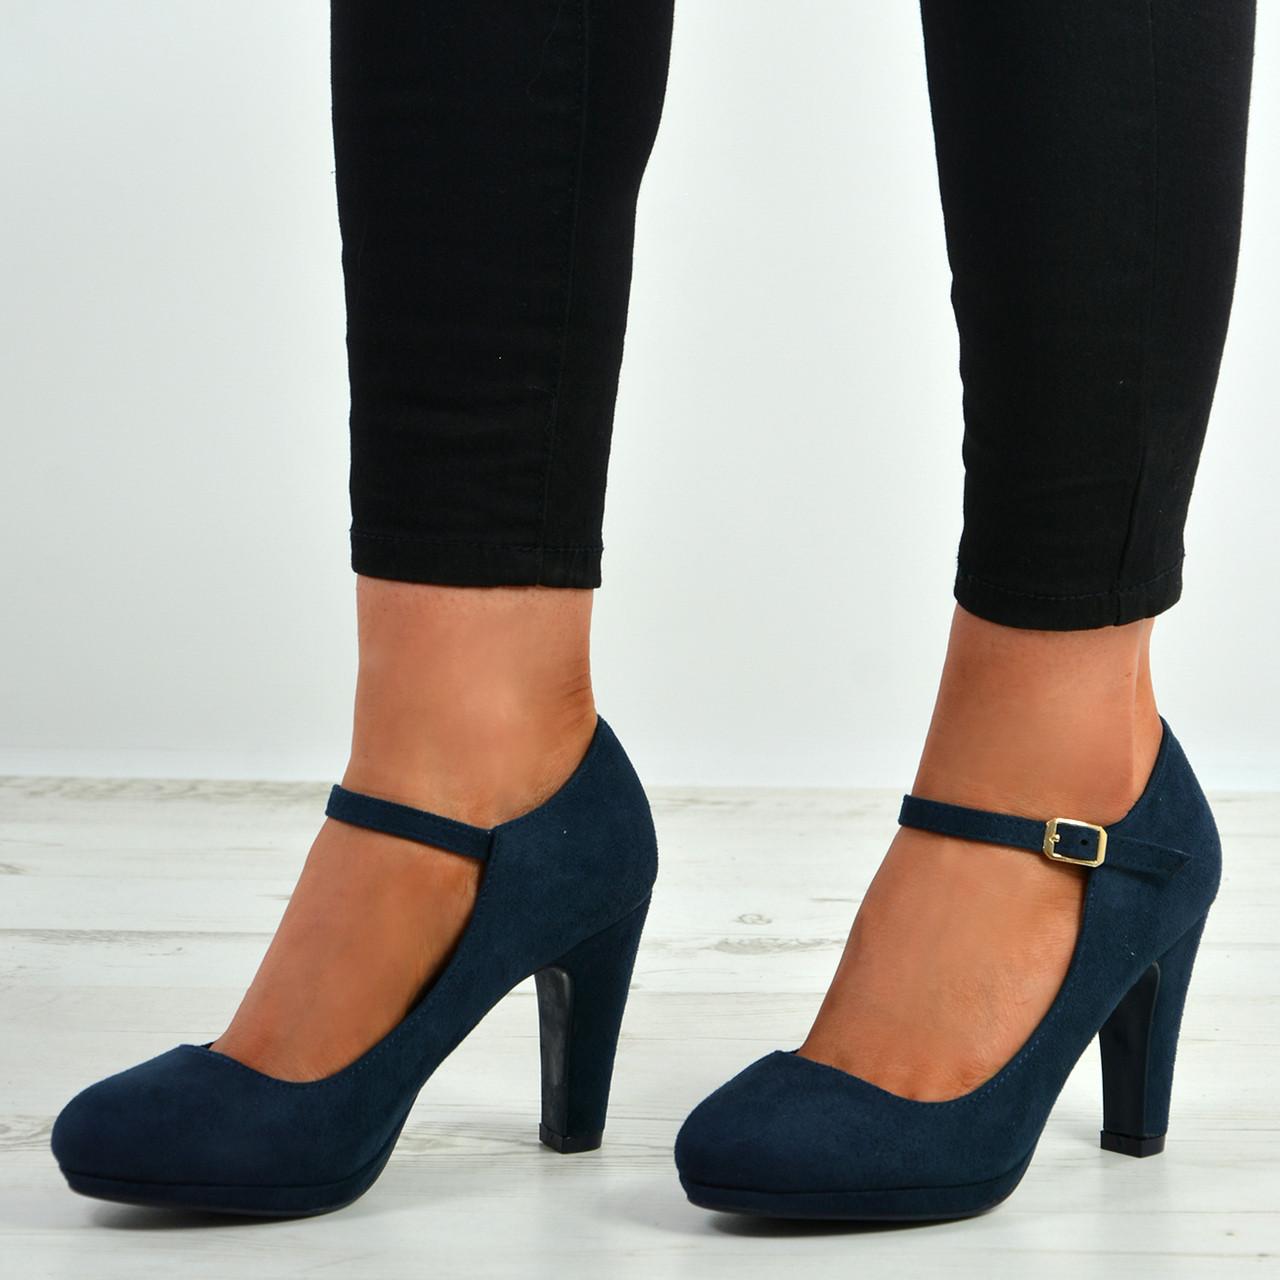 Women's Blue Block Heel Sandal: